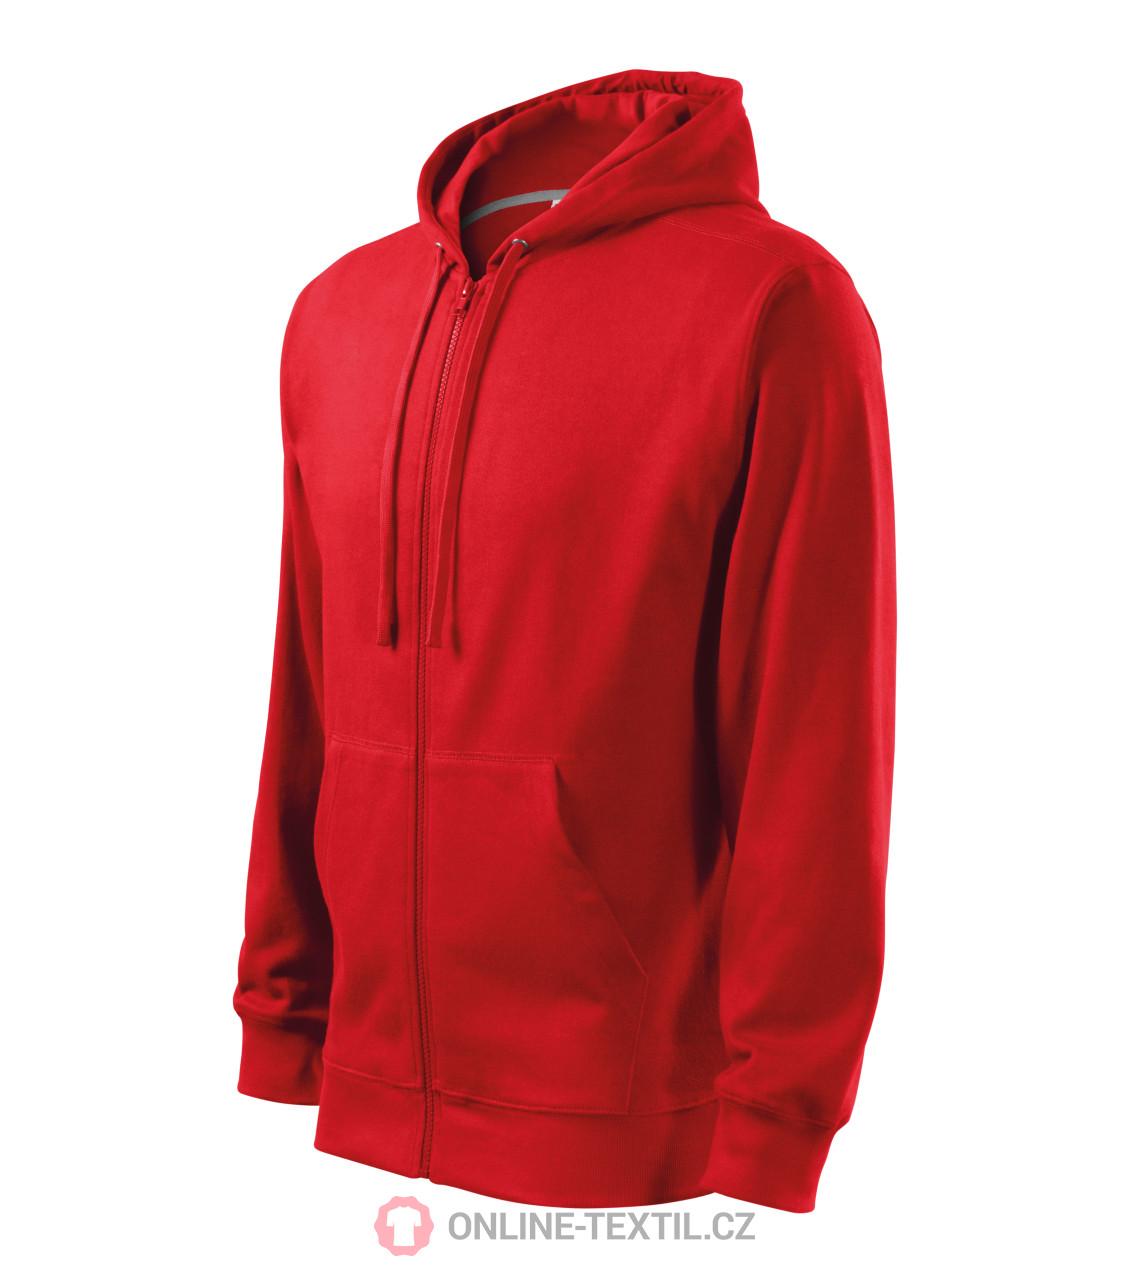 ADLER CZECH Pánská mikina Trendy Zipper s kapucí 410 - červená z ... cf7fce6881